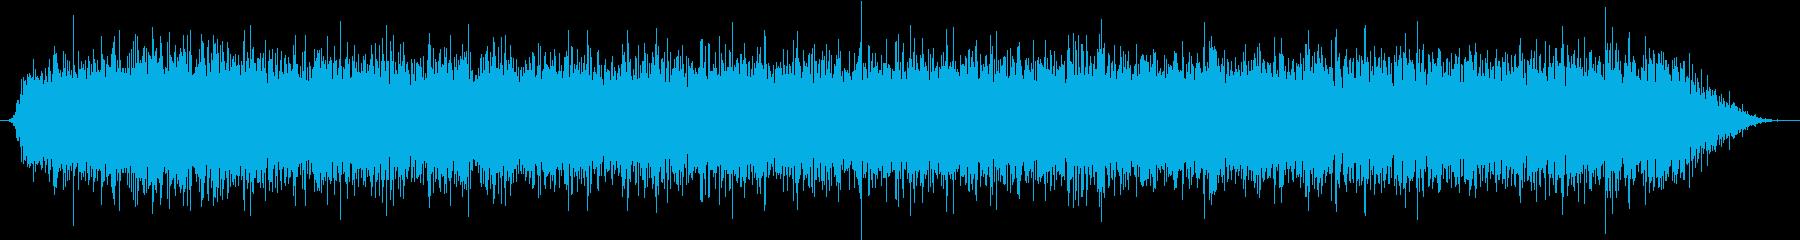 火炎放射器:ロングバースト、火炎放射器の再生済みの波形